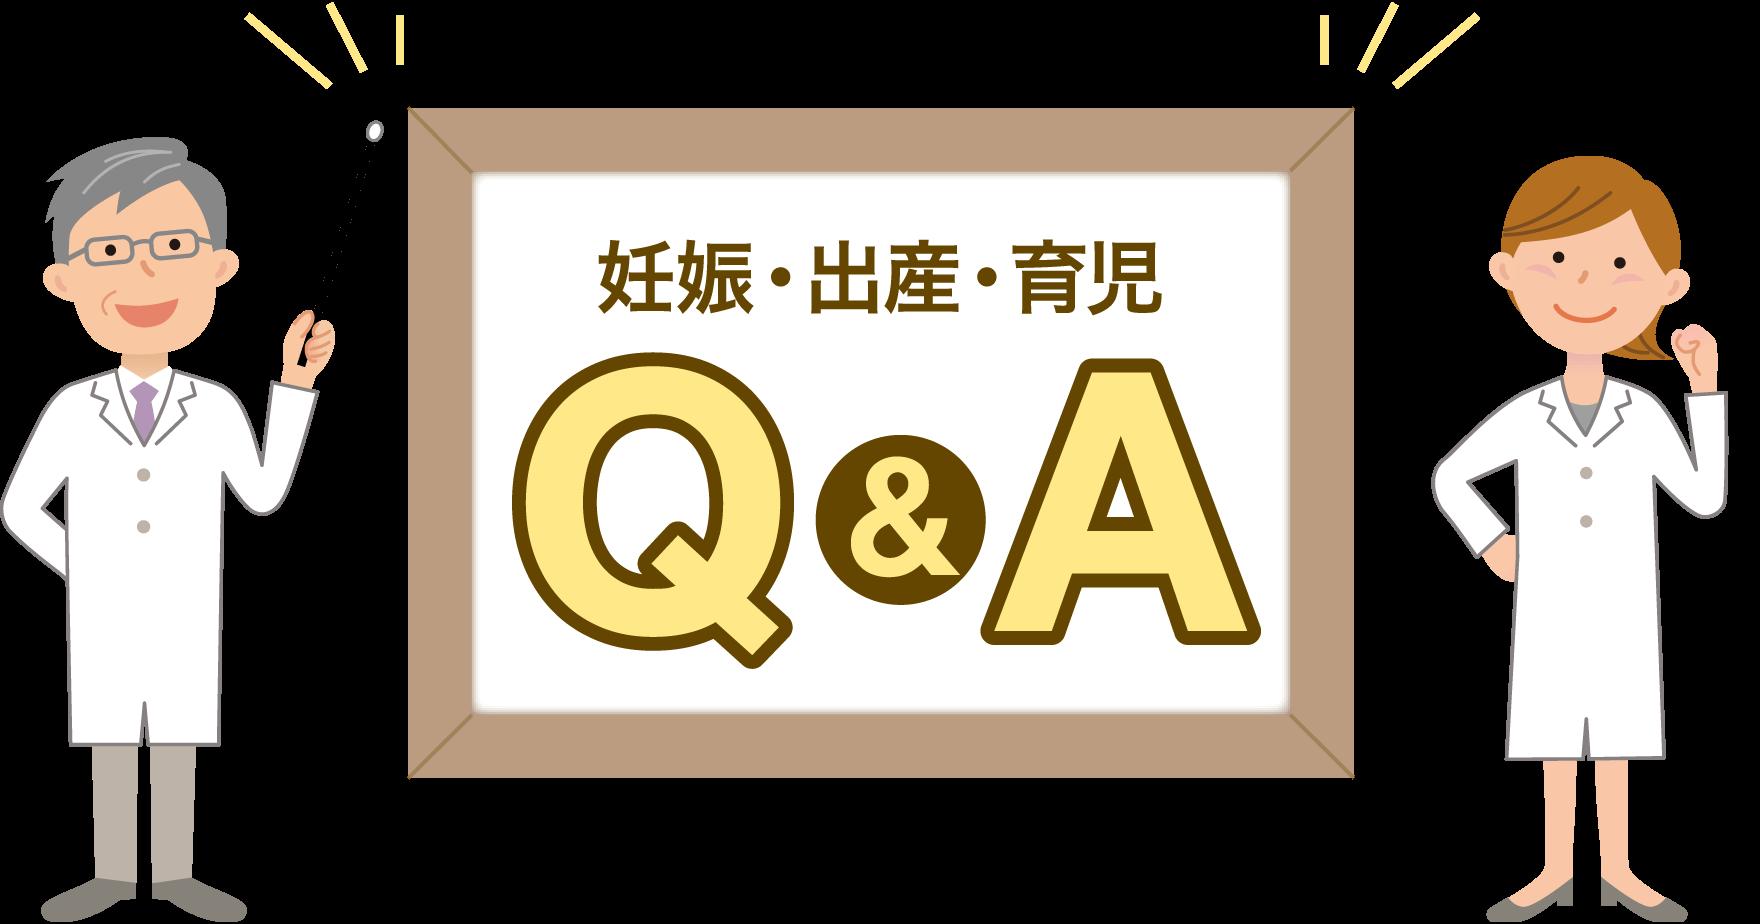 妊娠・出産・育児Q&A